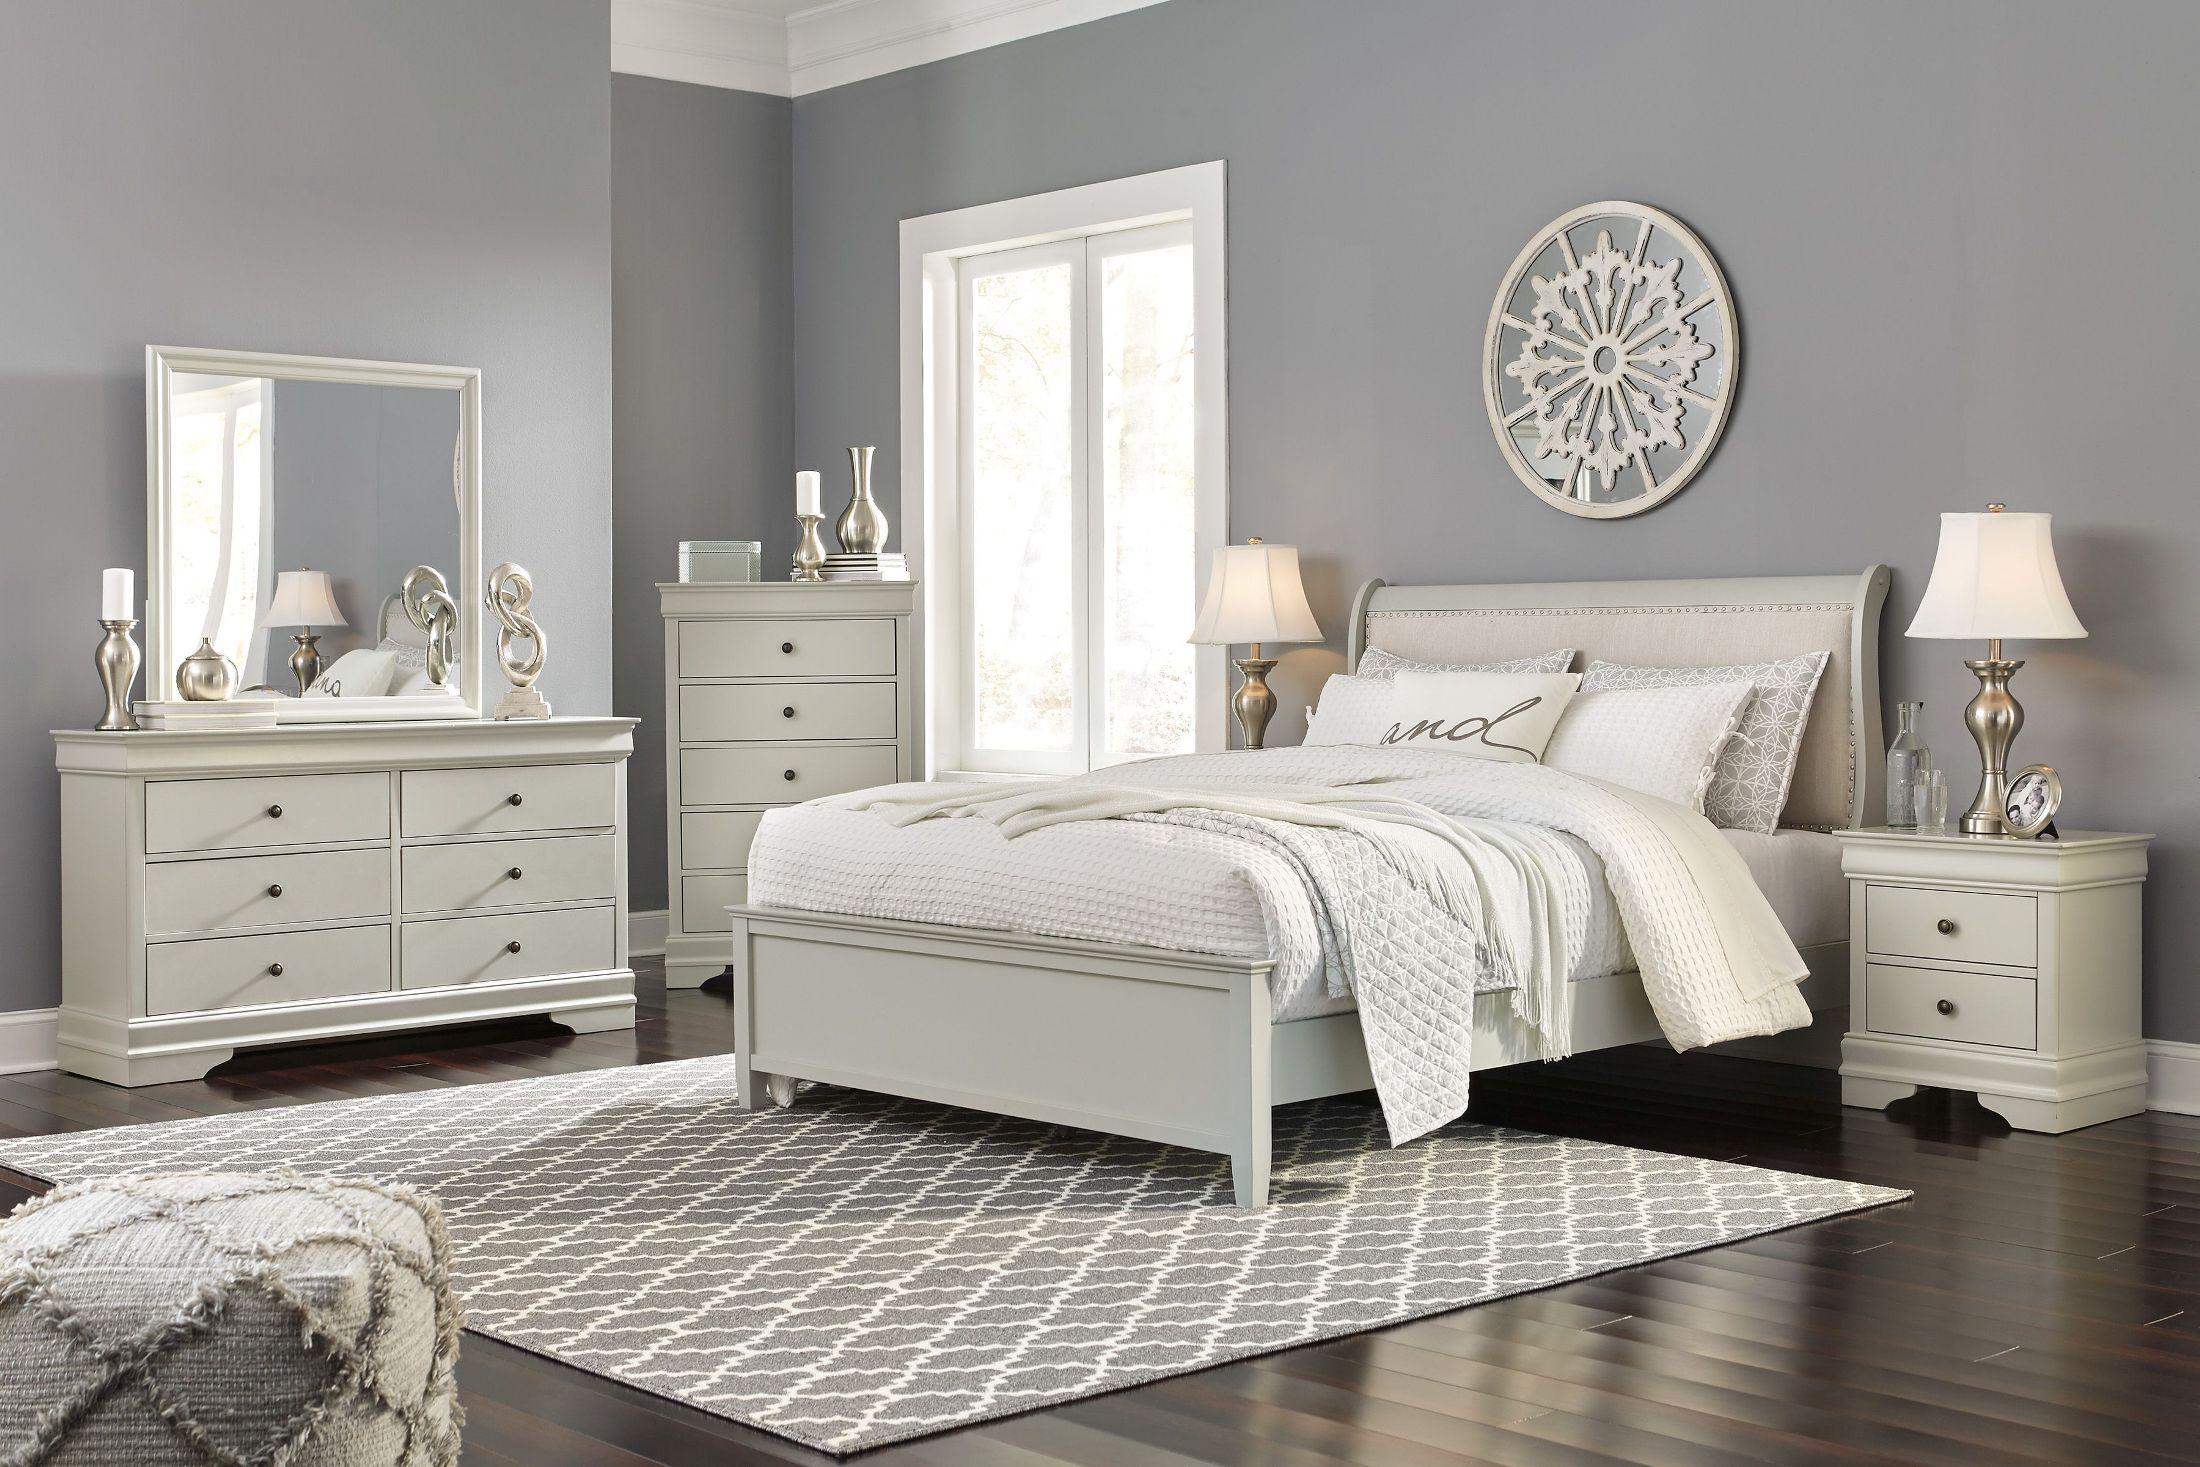 jorstad gray upholstered sleigh bedroom set  1stopbedrooms